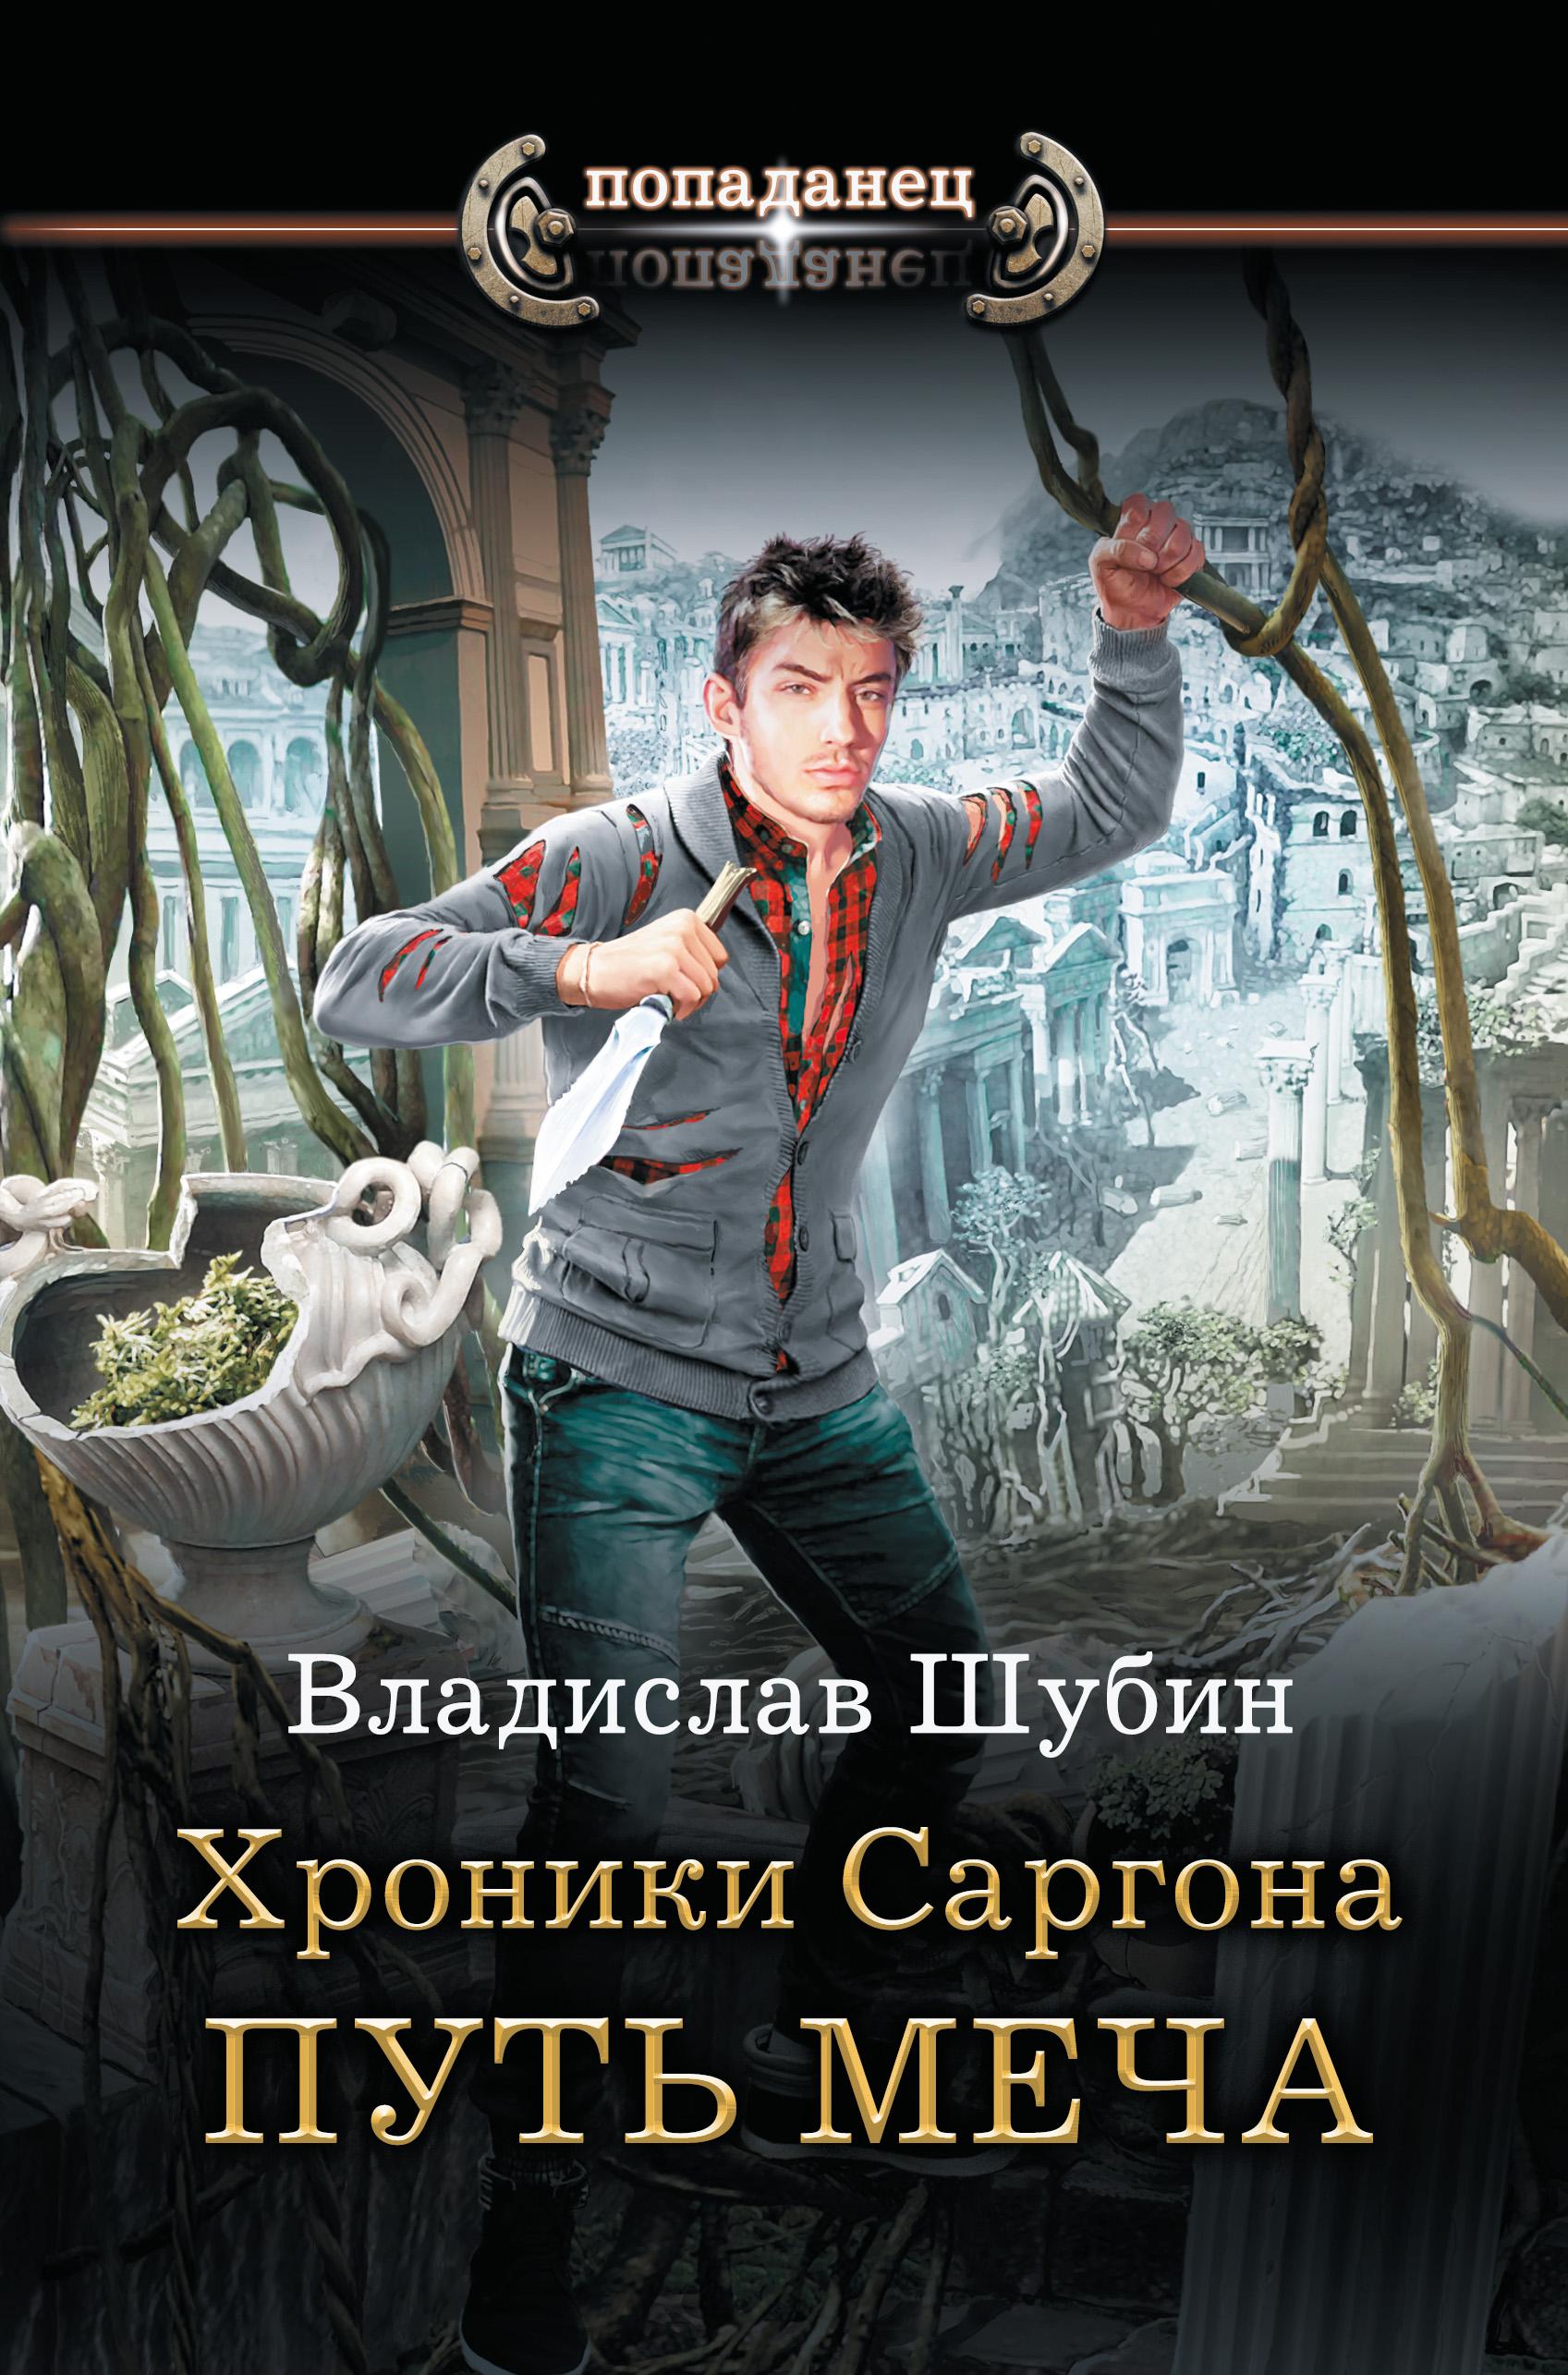 Владислав Шубин Путь меча